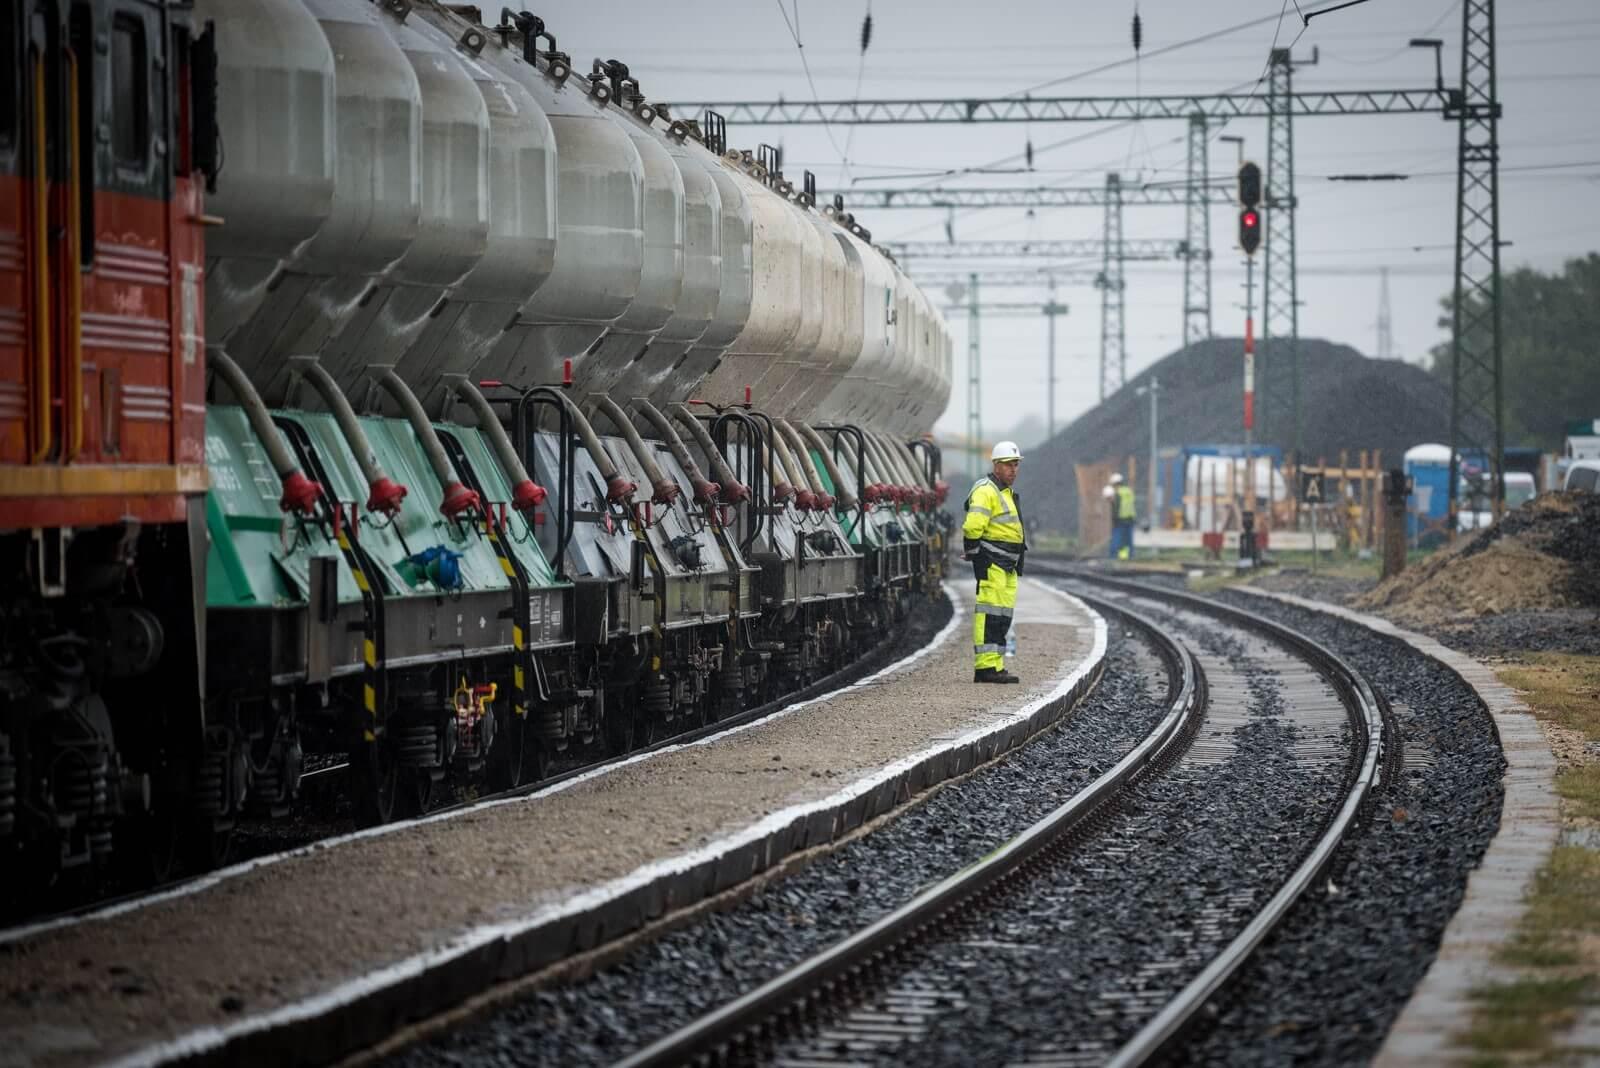 Jövő nyárra befejeződik a vasúti felújítás Százhalombatta és Ercsi között